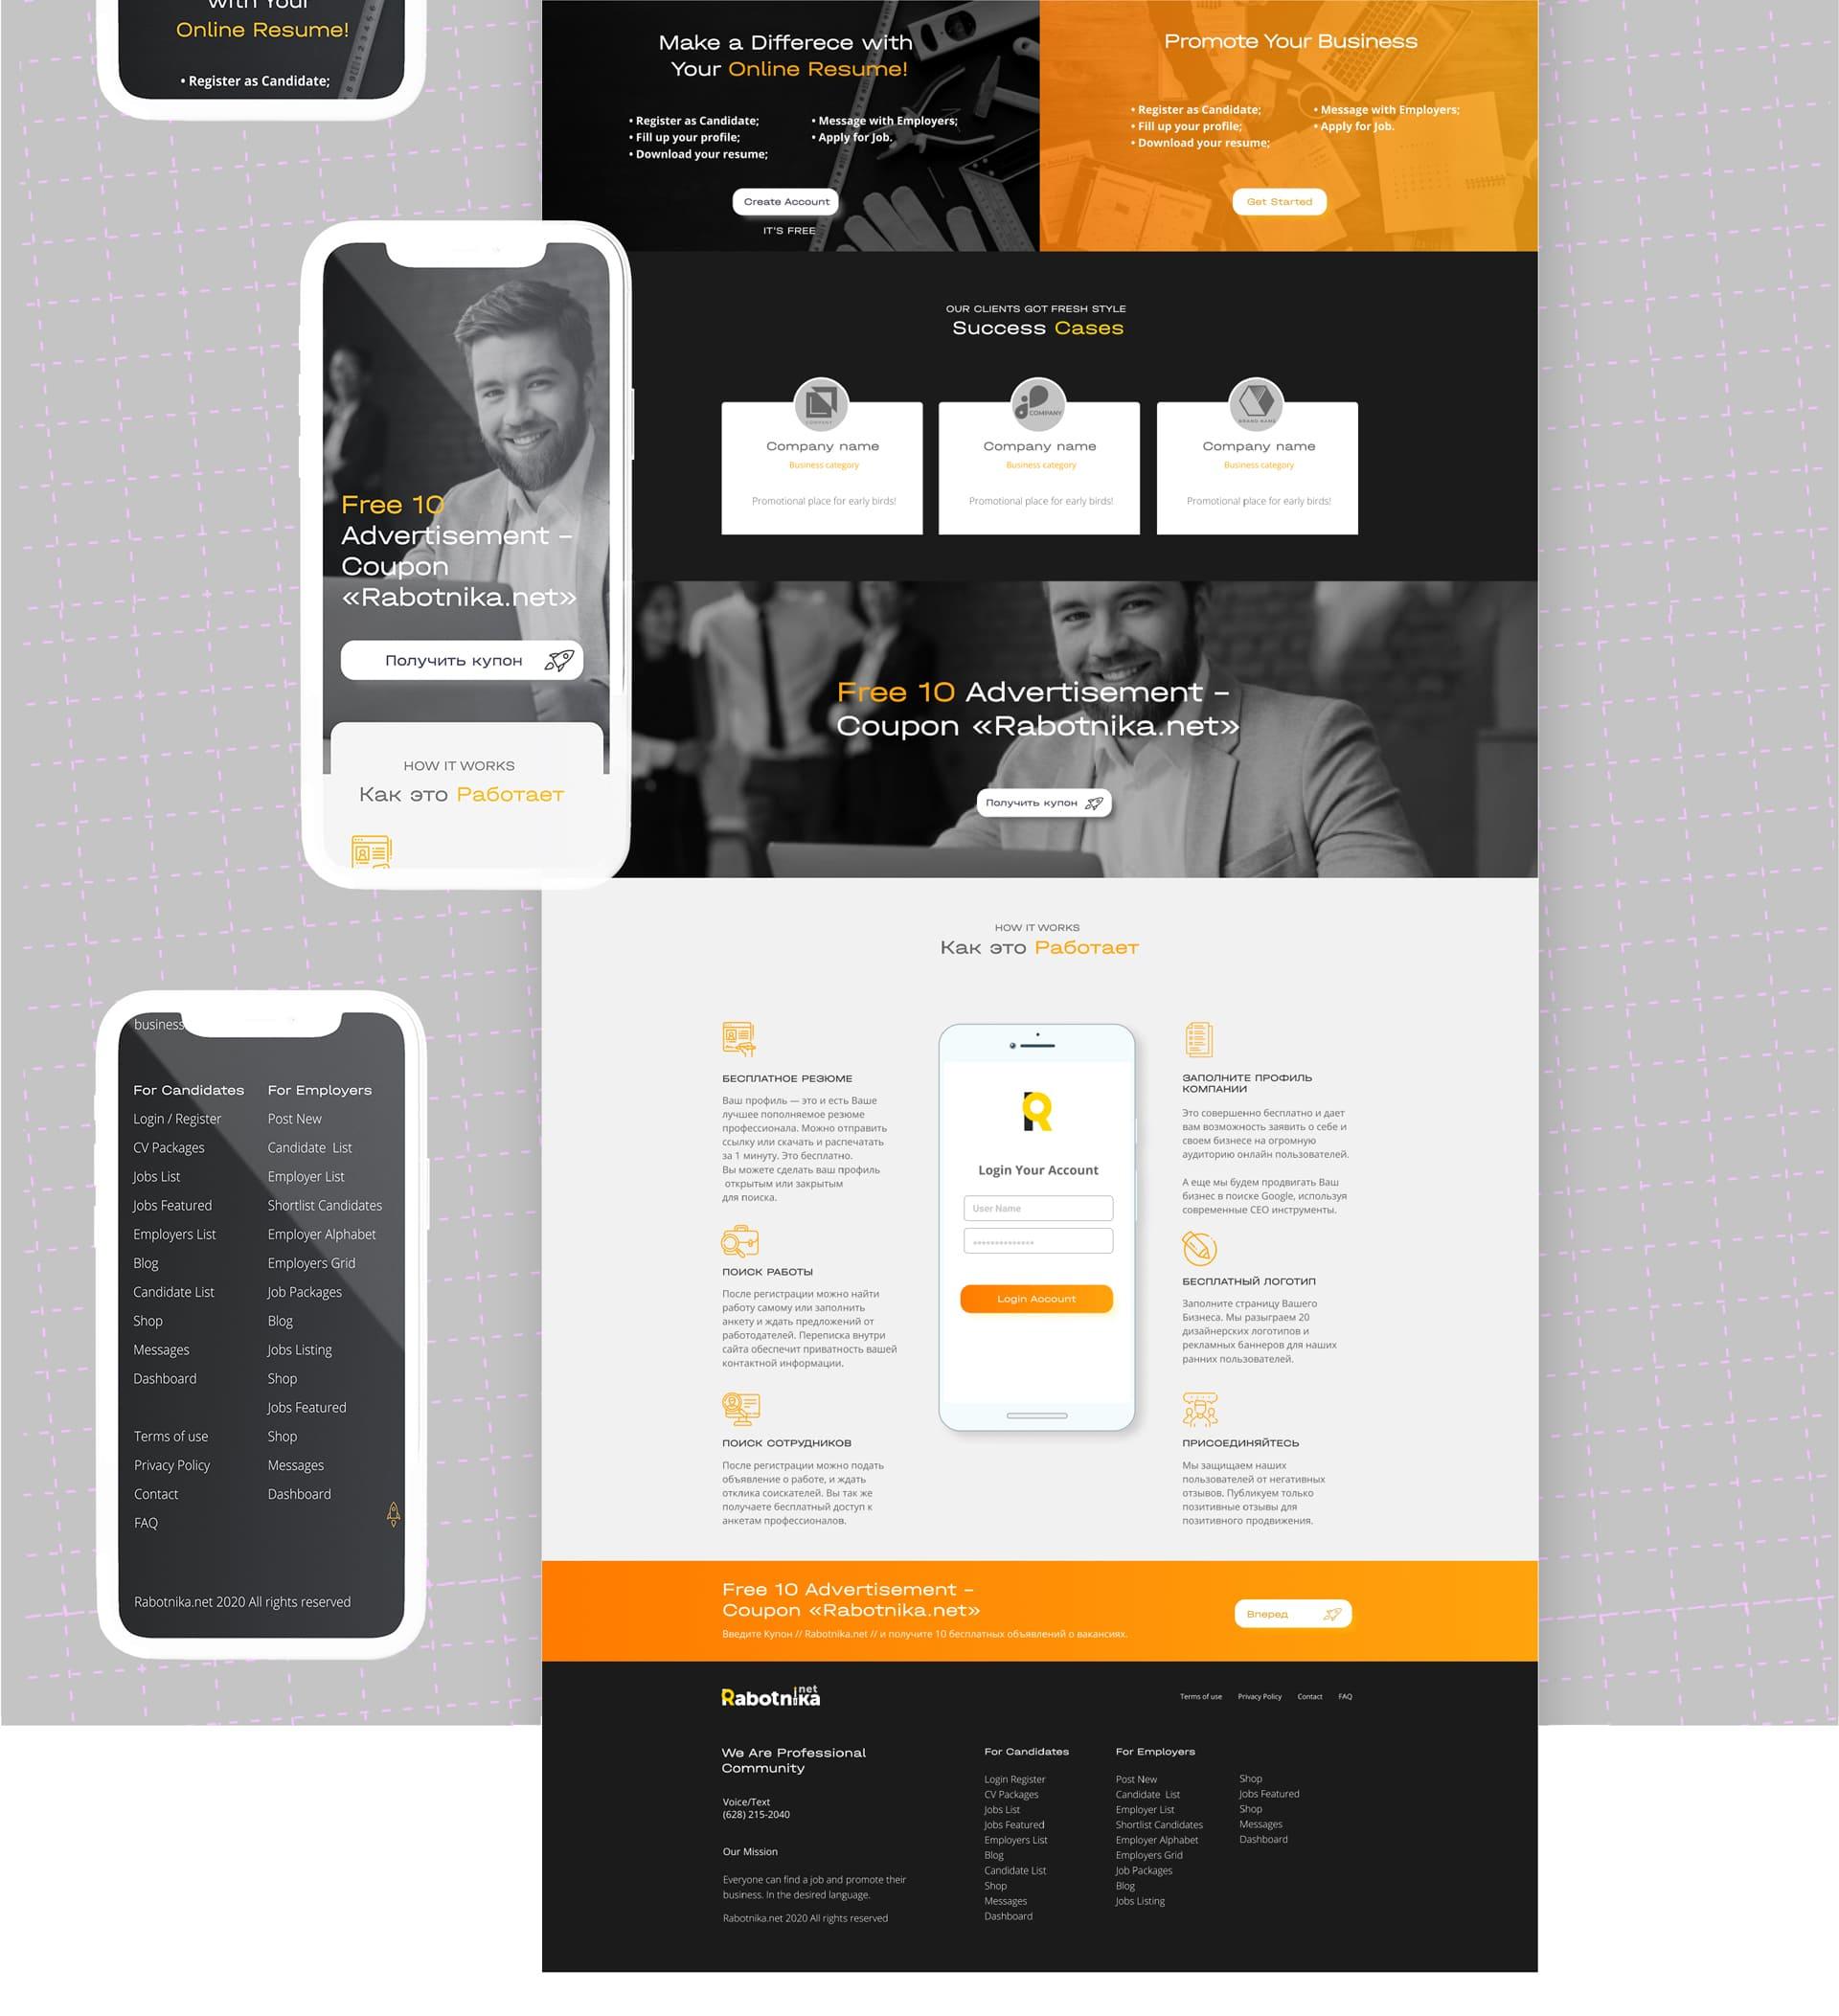 работа веб студии MindRepublic - Дизайн сайта по поиску работы